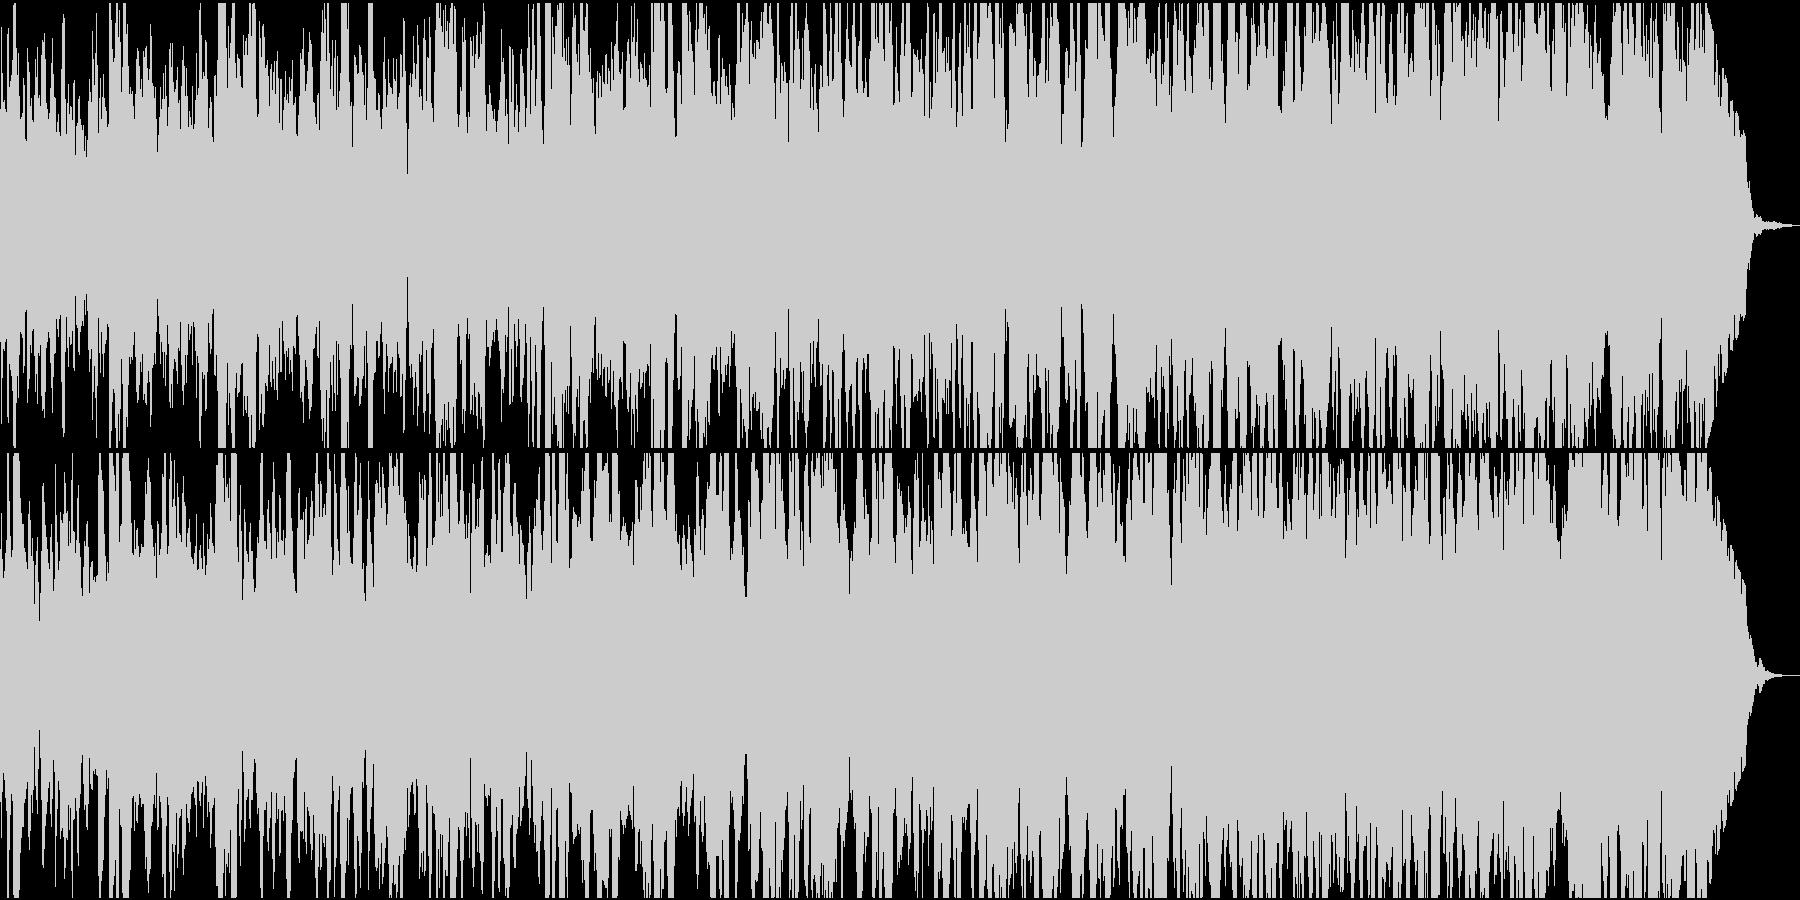 海・森・自然を感じさせるゆったりBGMの未再生の波形